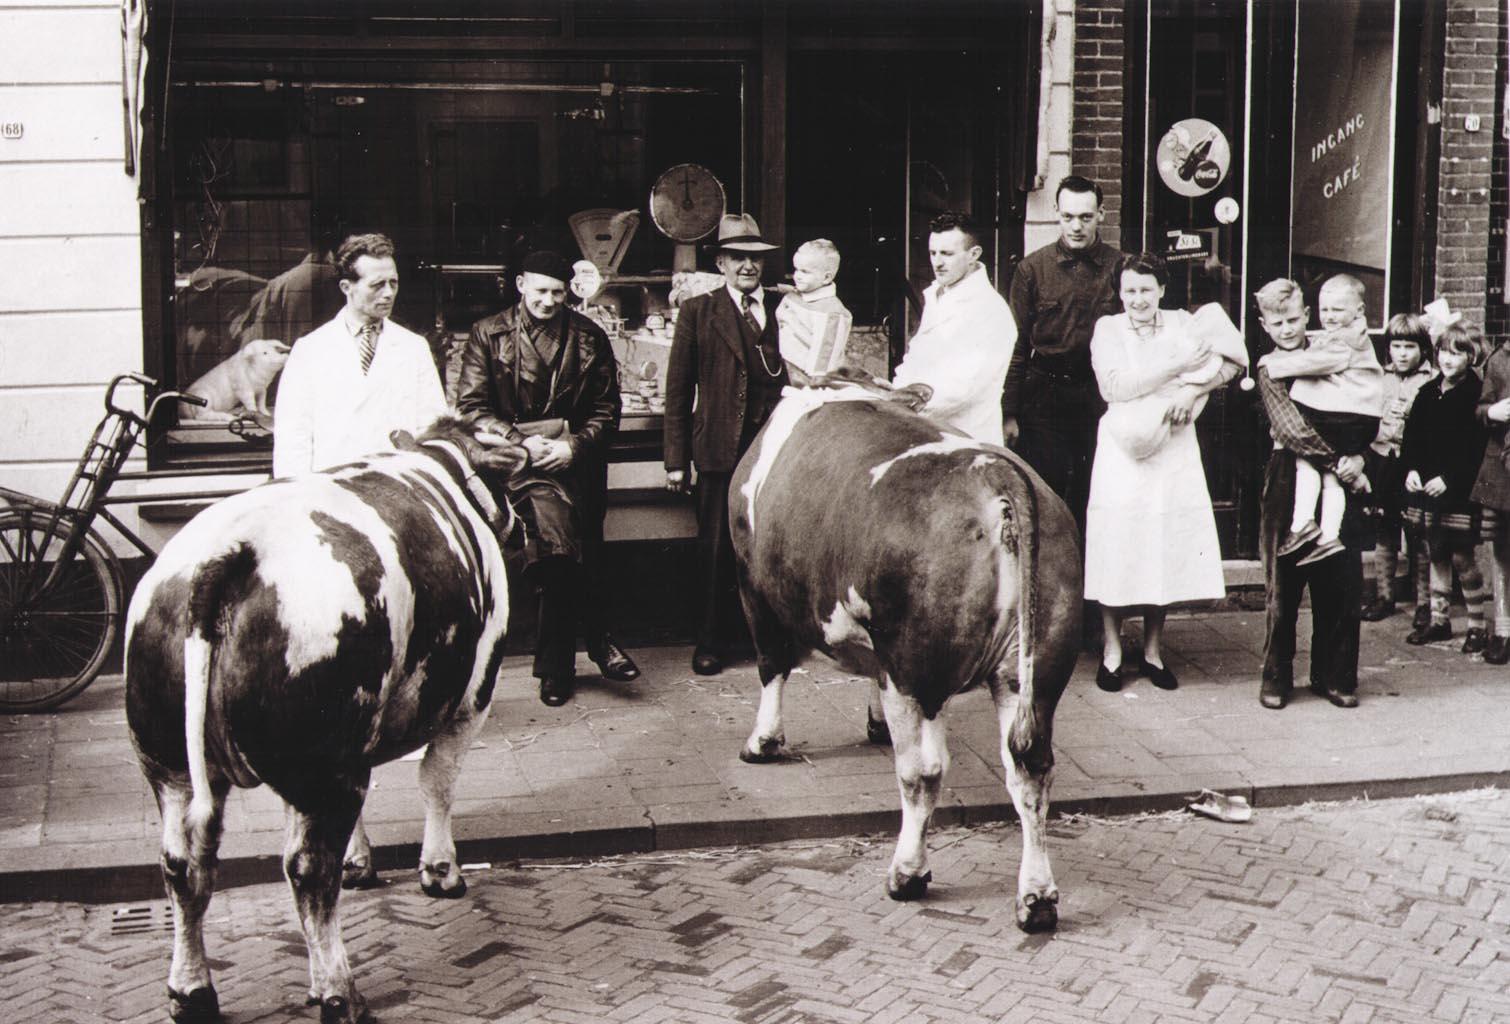 Met de koeien voor de winkel